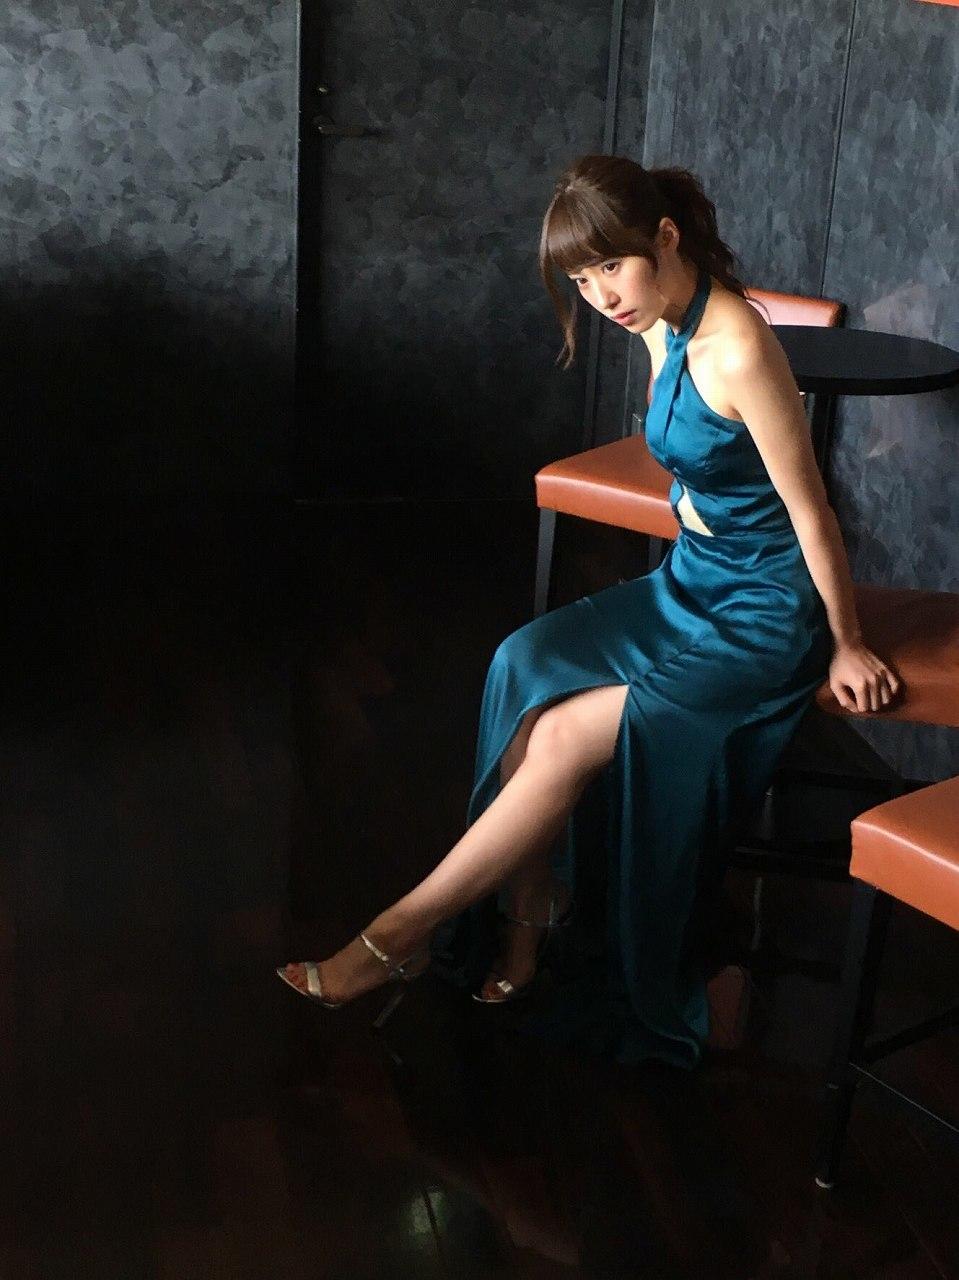 衛藤美彩のセクシースリットドレスグラビア